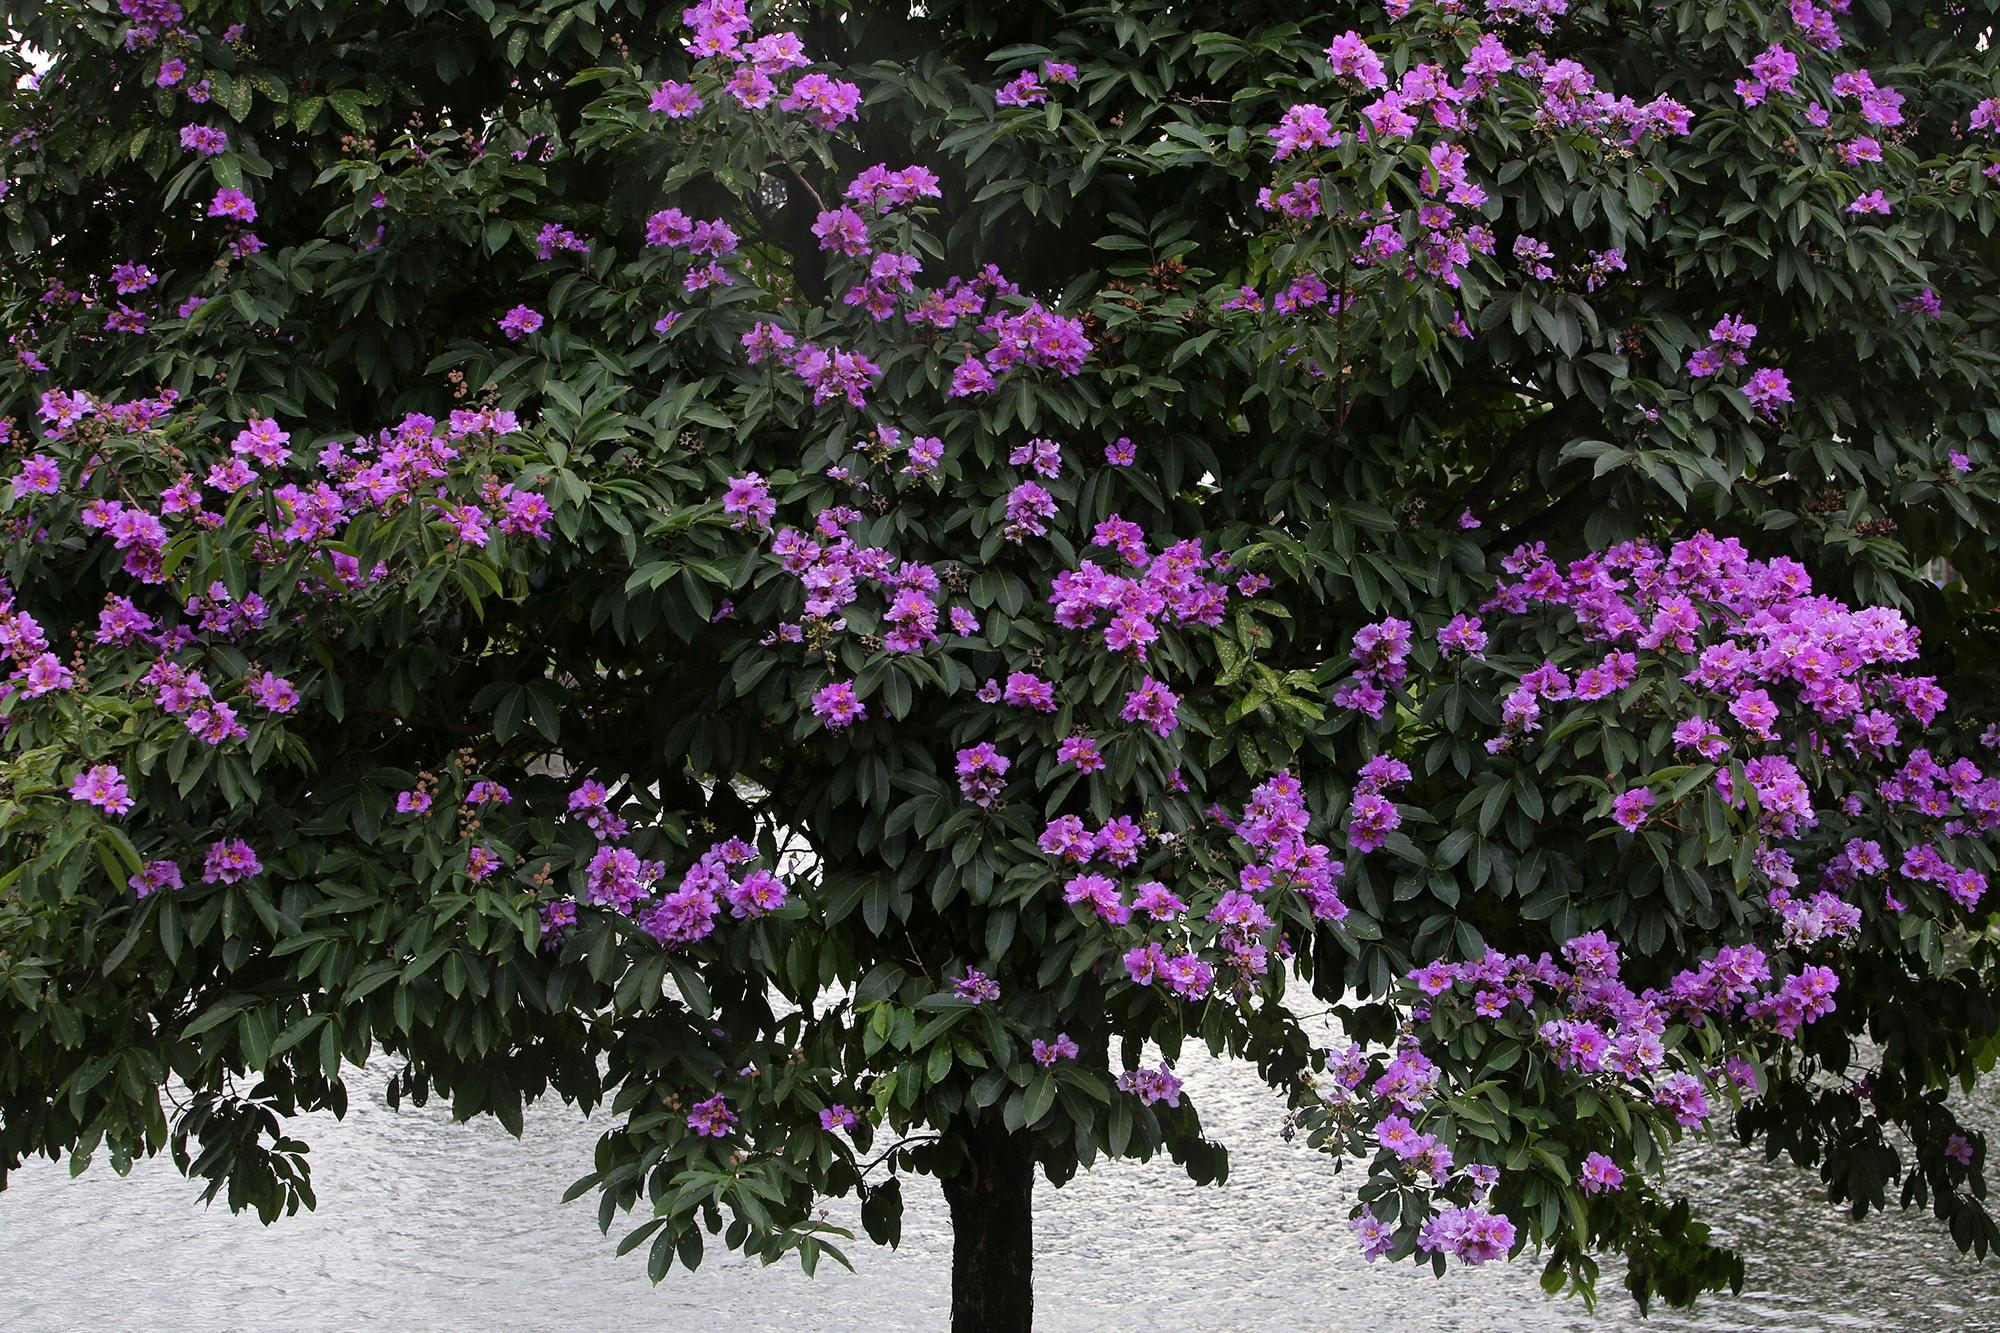 Ngắm hoa bằng lăng nở tím trời Hà Nội - 5